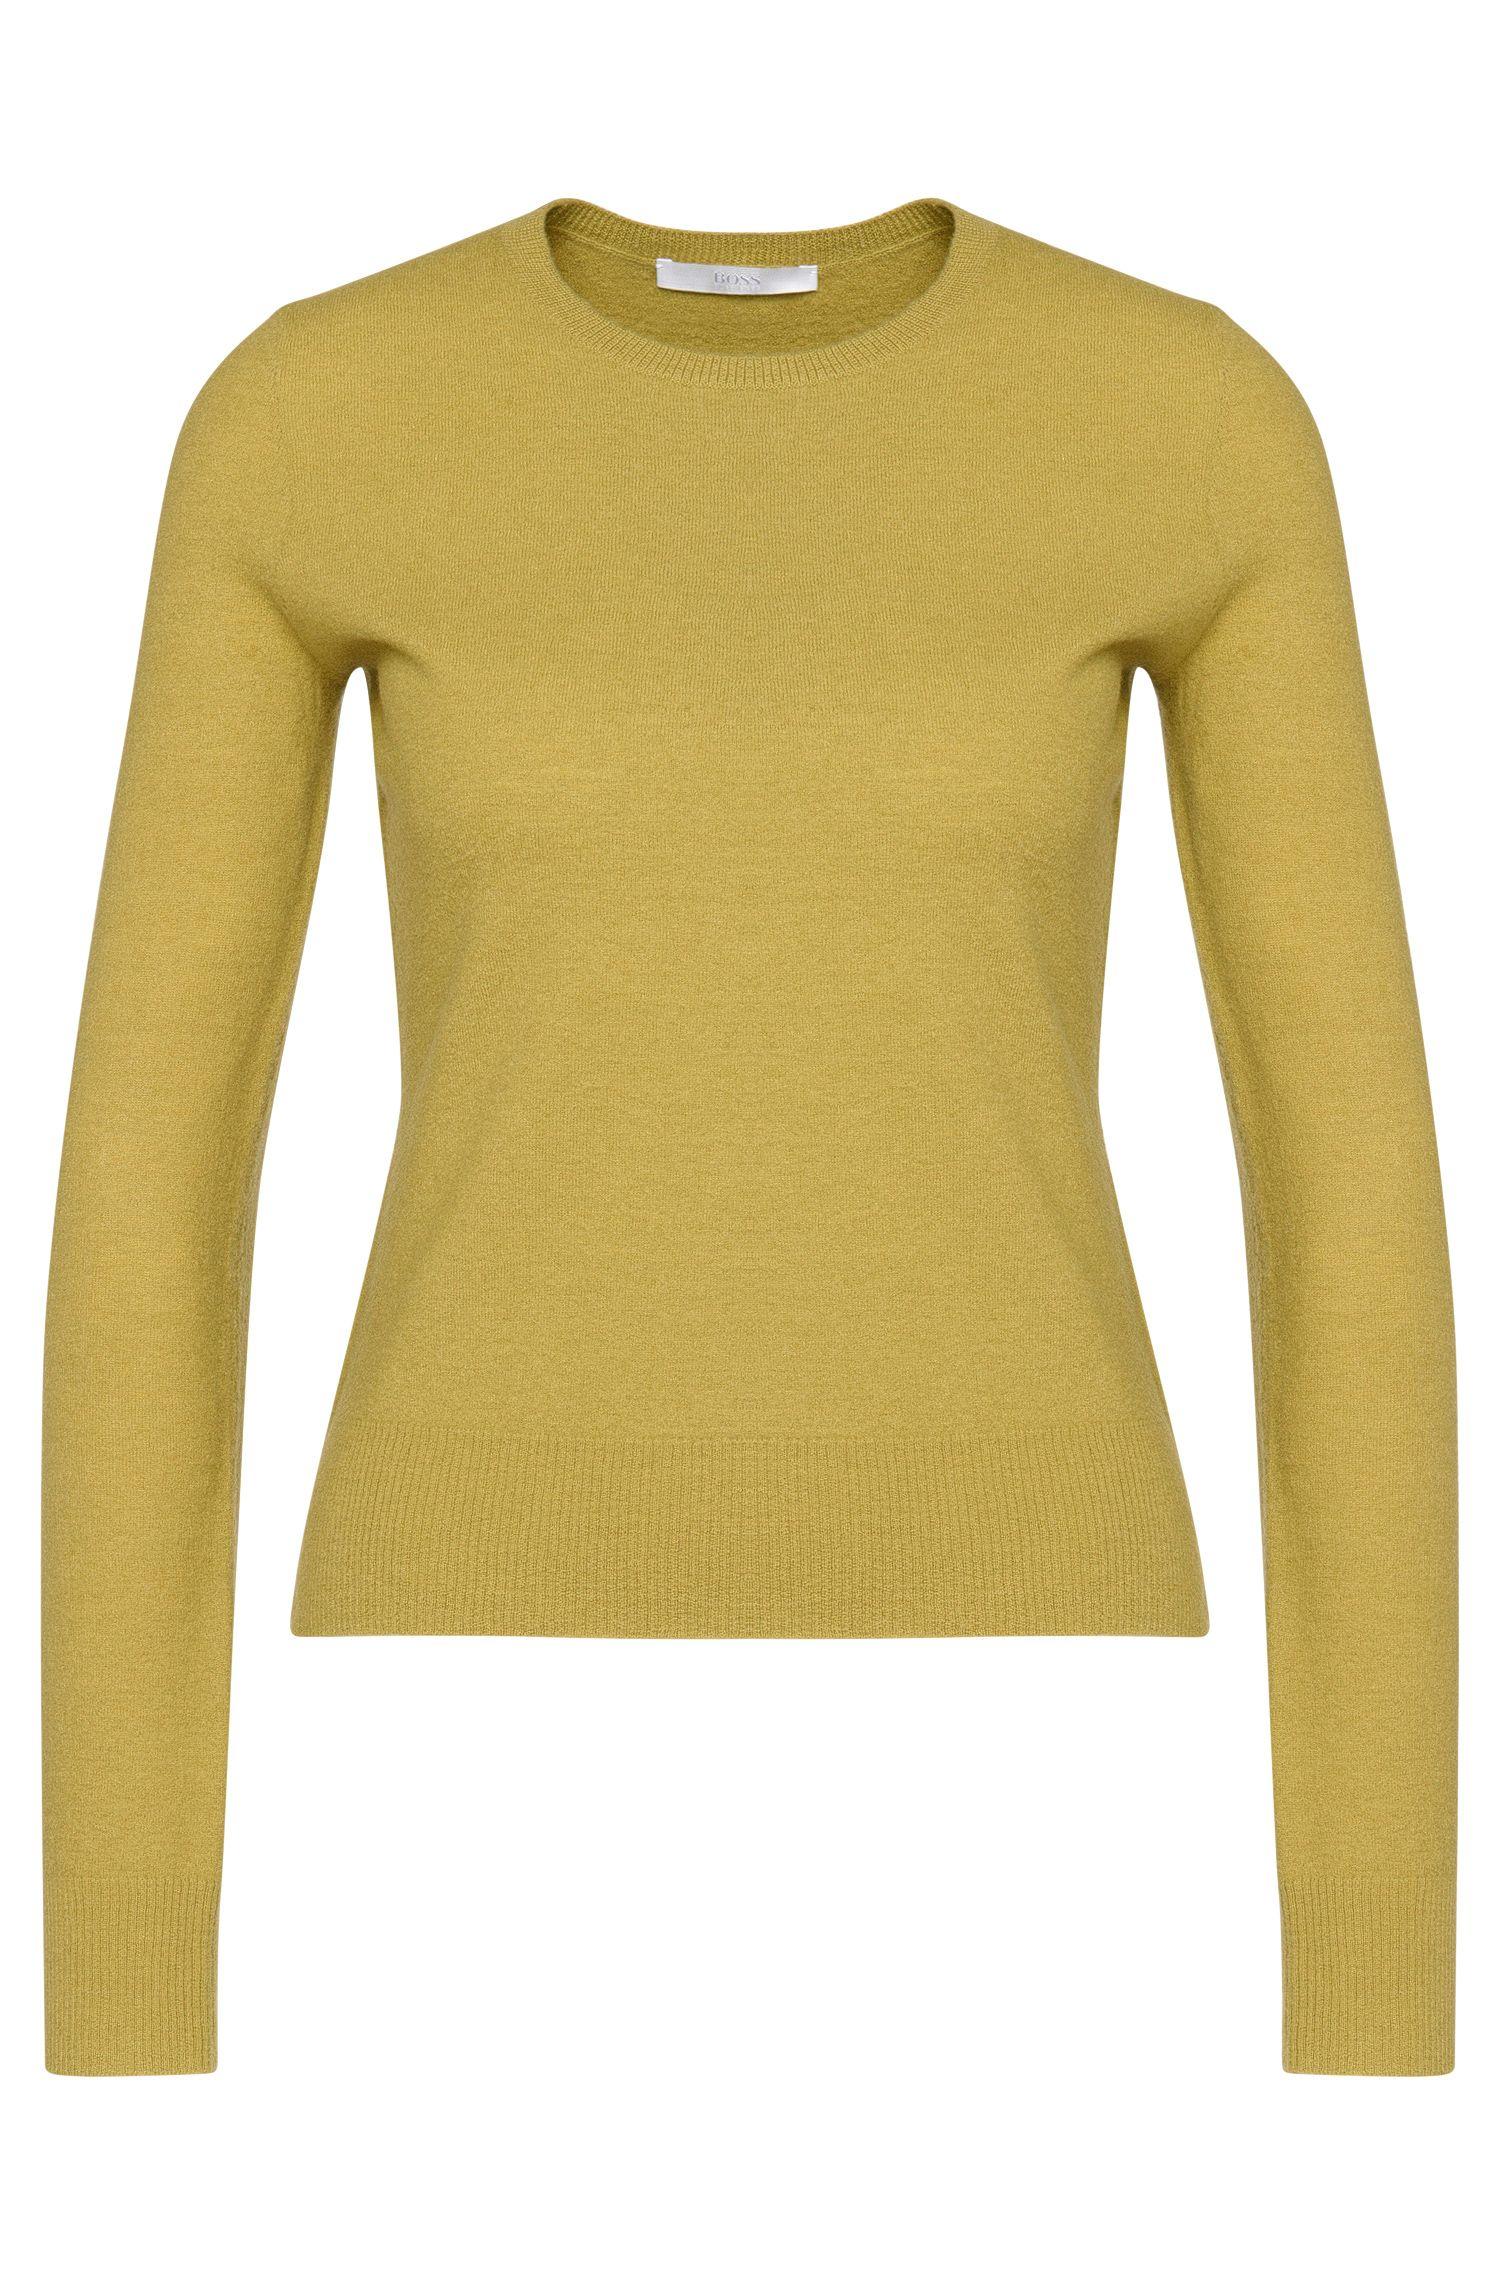 Unifarbener Pullover aus Schurwolle: 'Fausta'